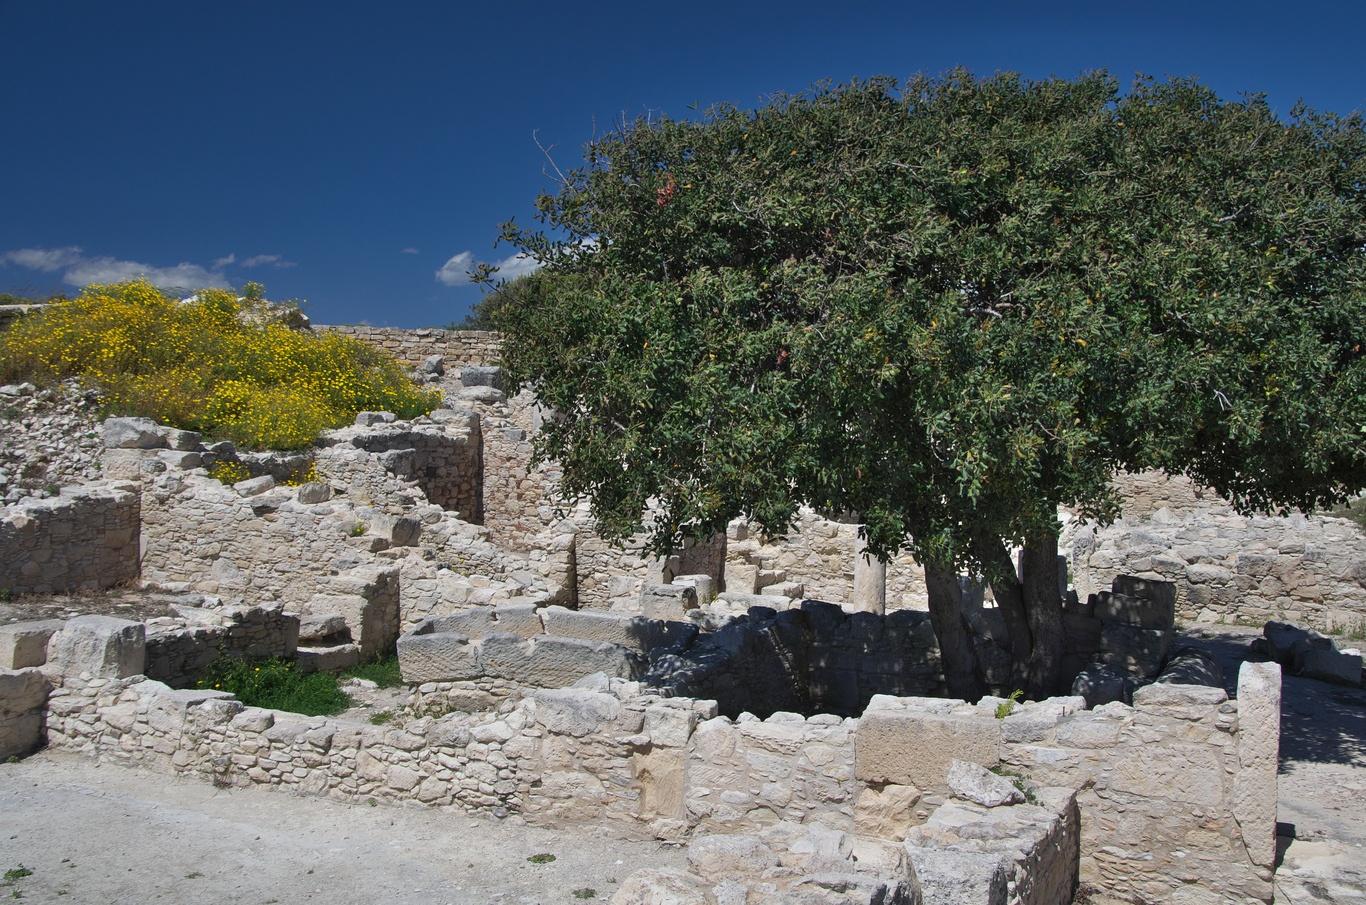 Archeologické naleziště Kourion